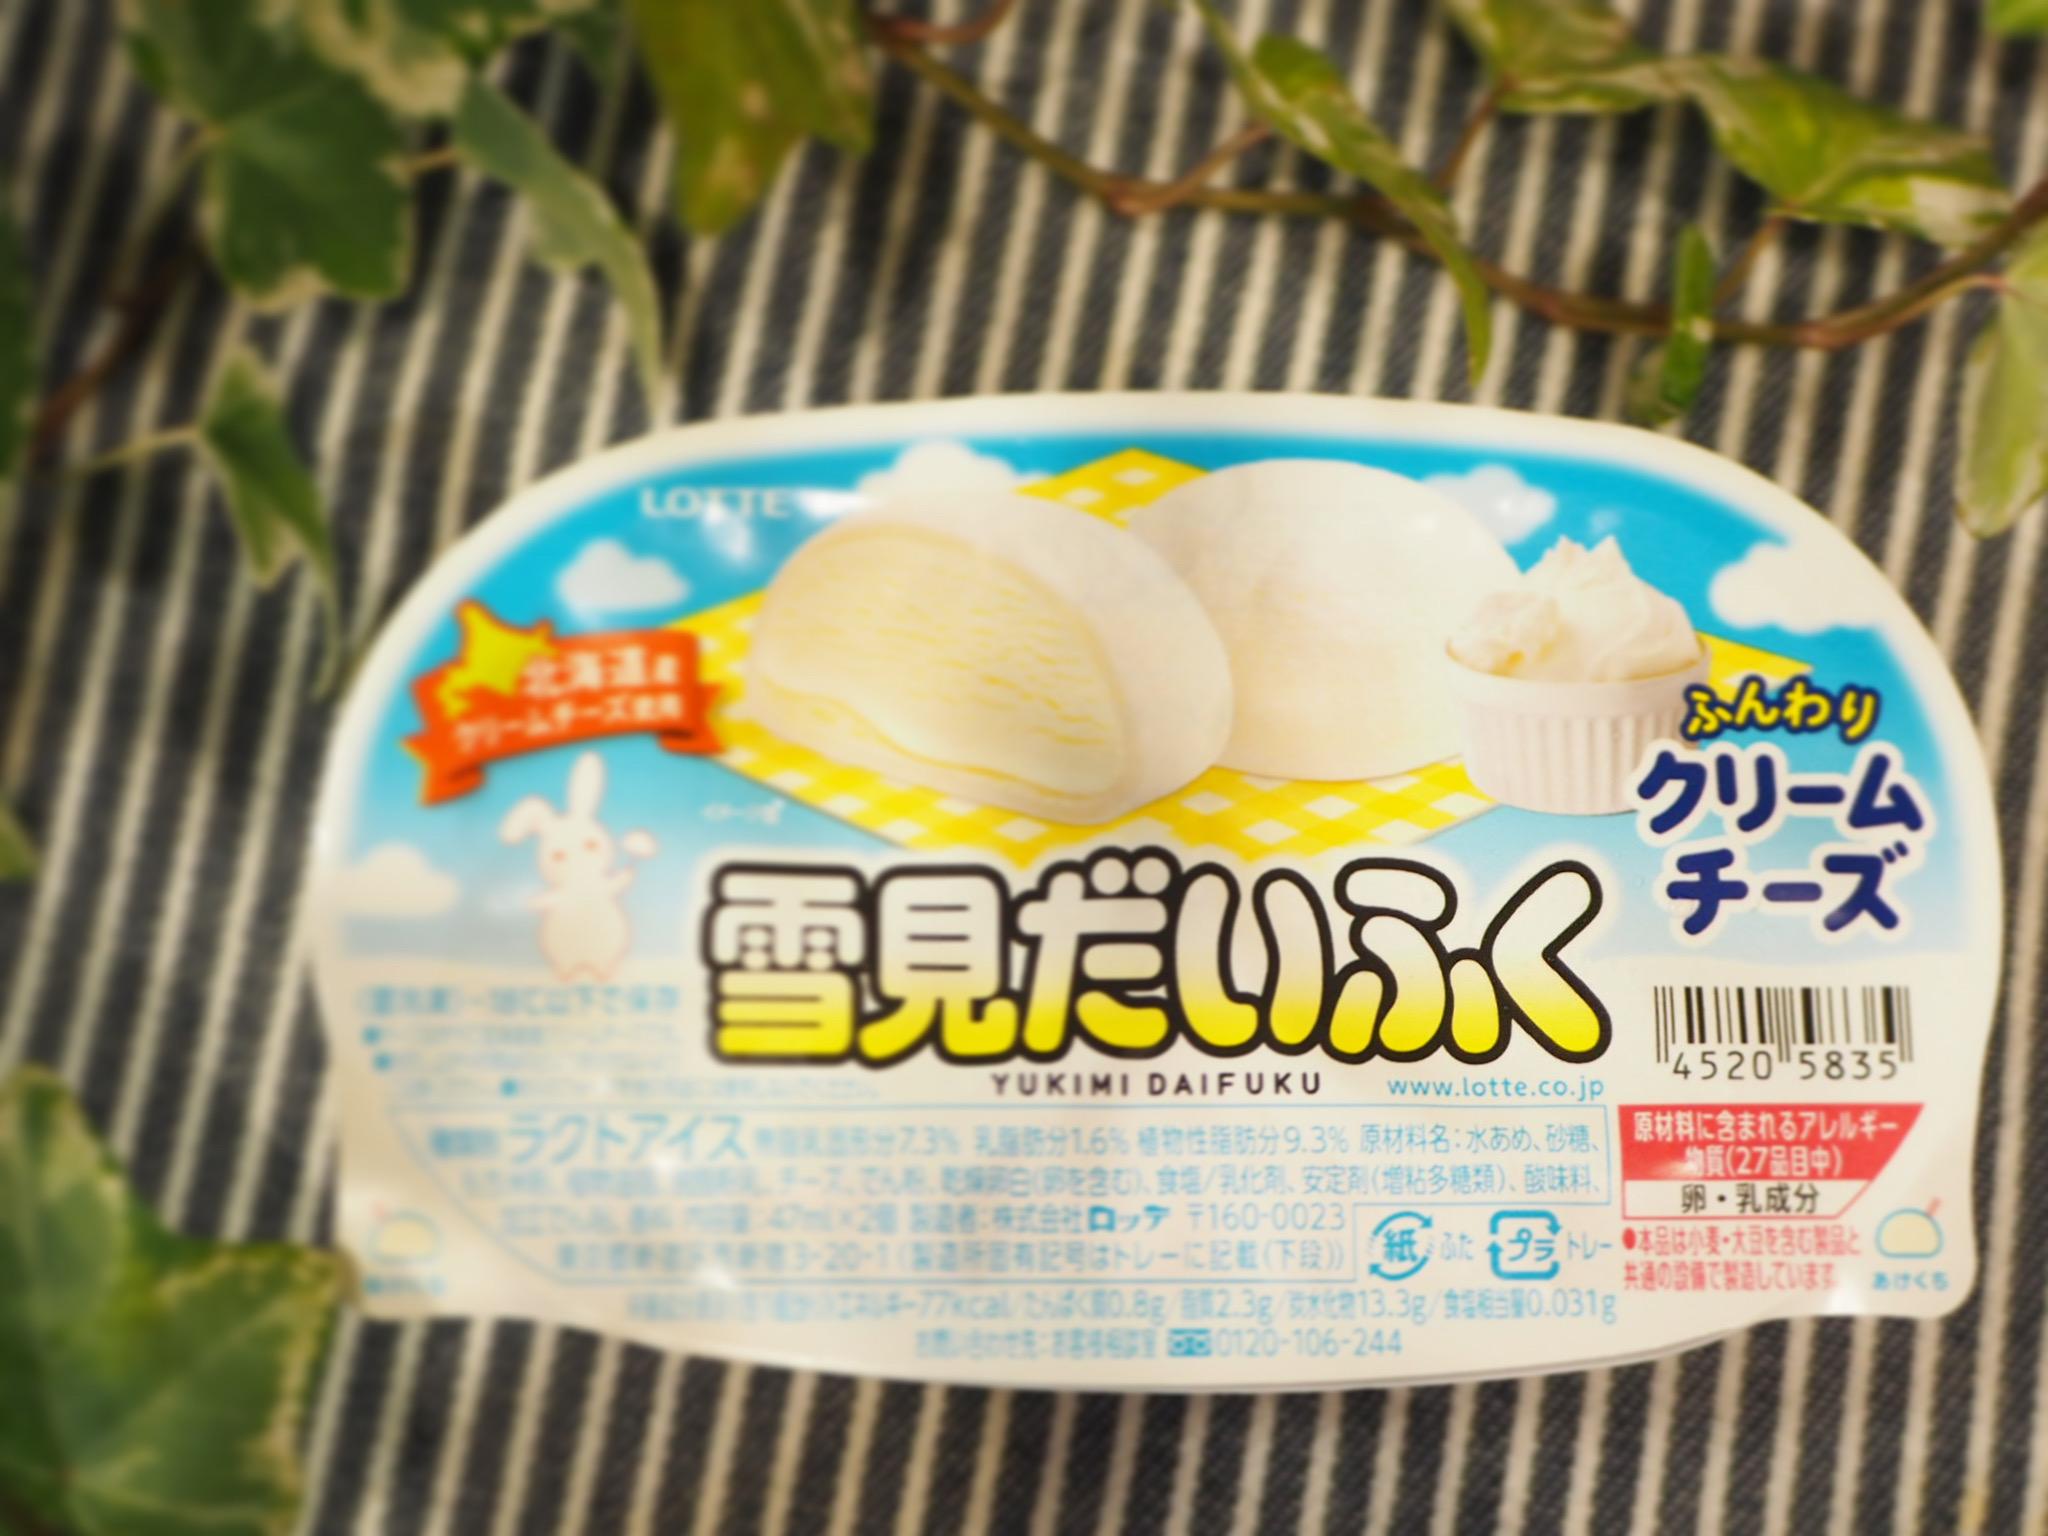 《3月1日新発売!》雪見だいふくから【クリームチーズ】フレーバーが登場!♡_4